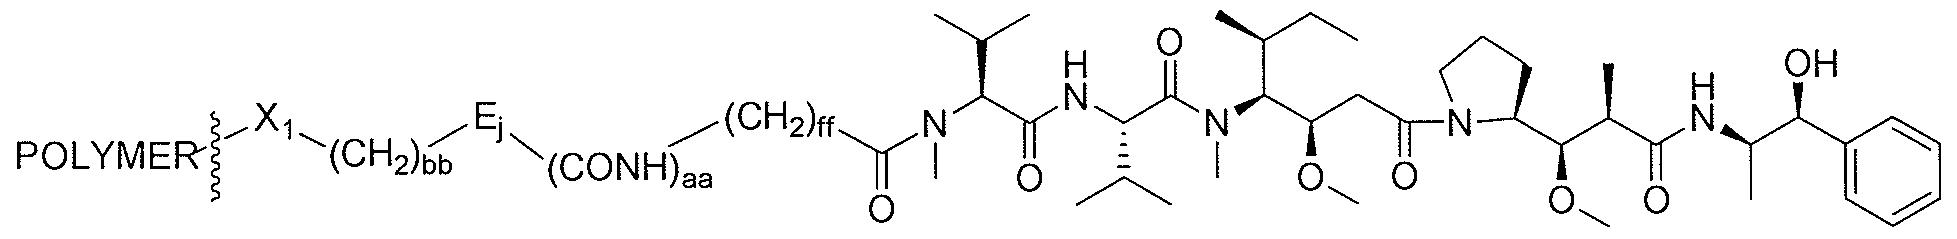 Figure imgf000205_0004